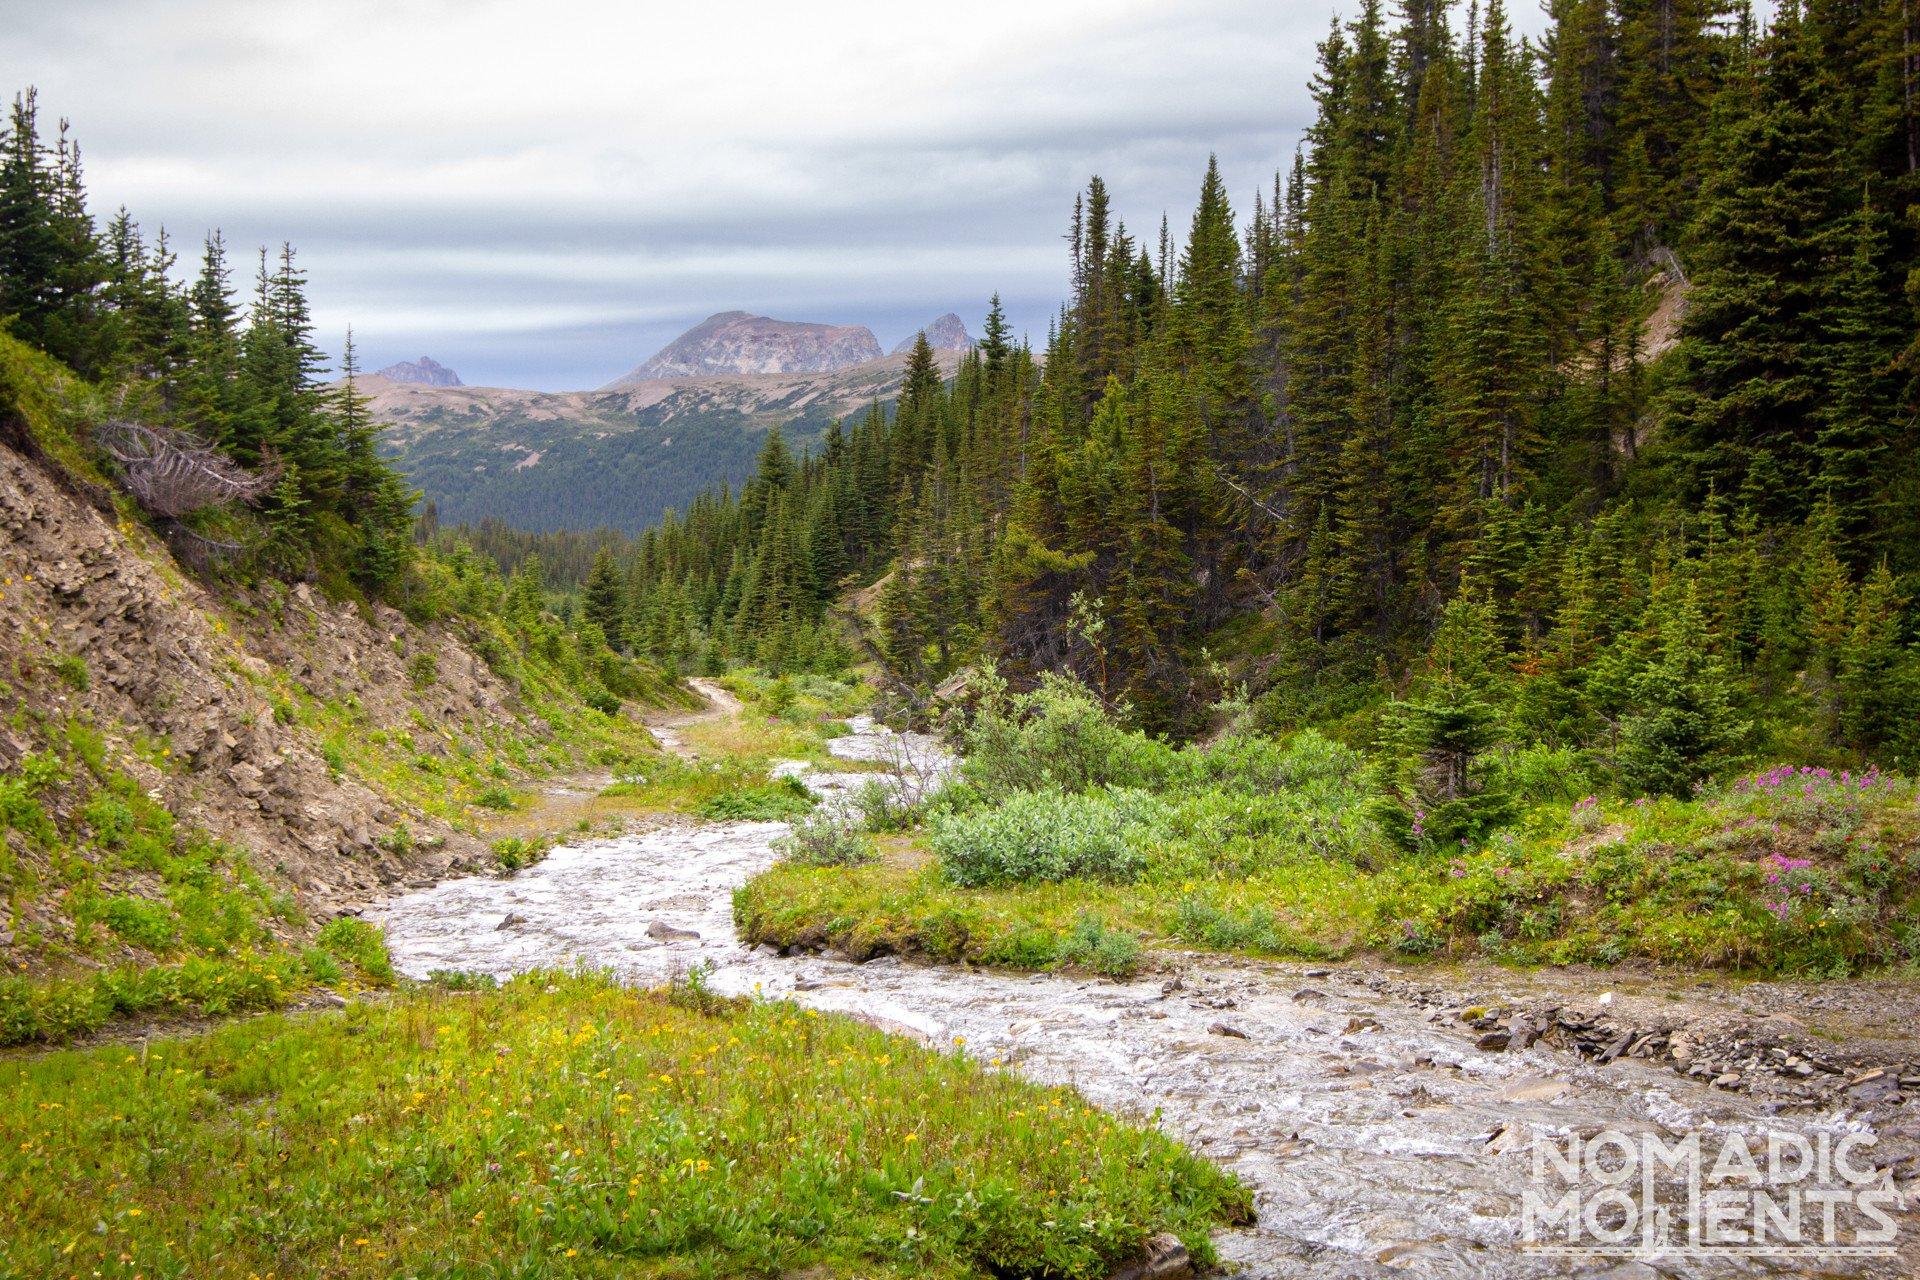 Snowbowl Creek